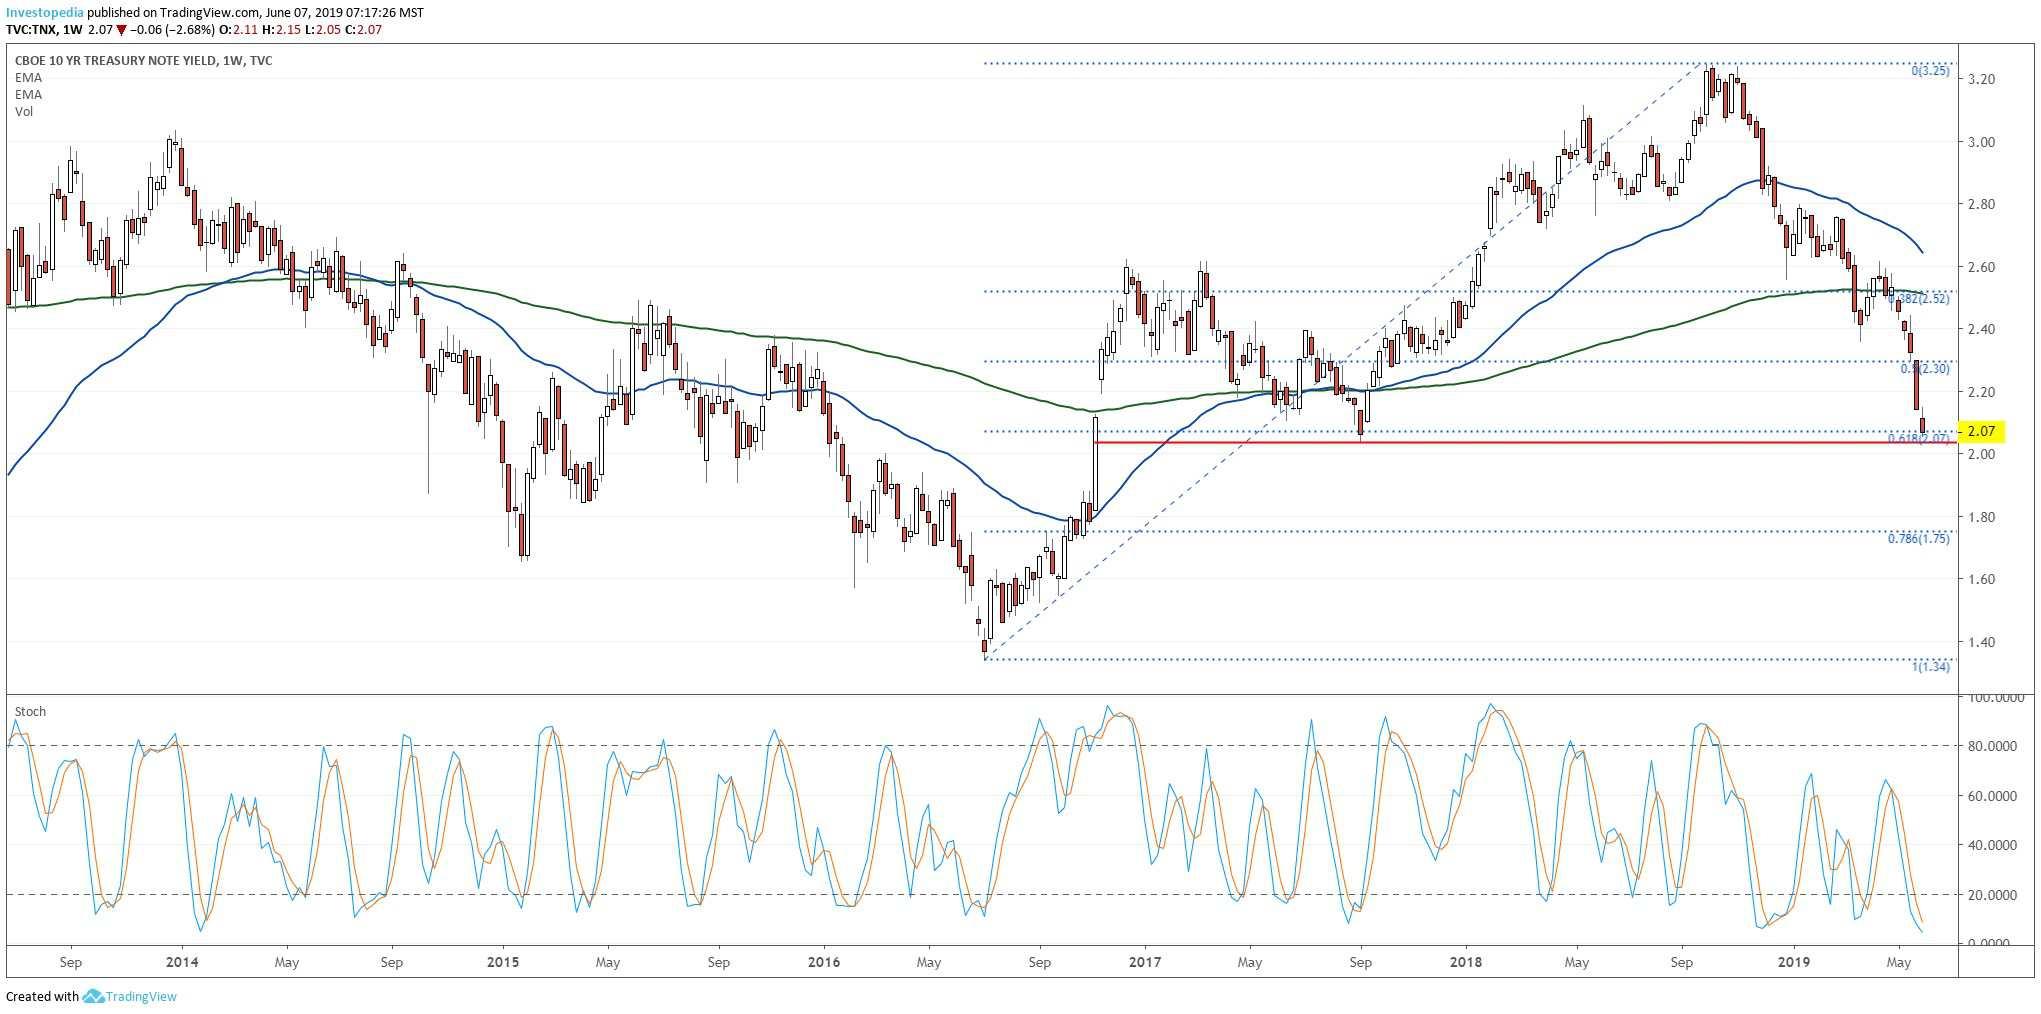 10 साल के ट्रेजरी पैदावार के प्रदर्शन दिखा चार्ट (TNX)